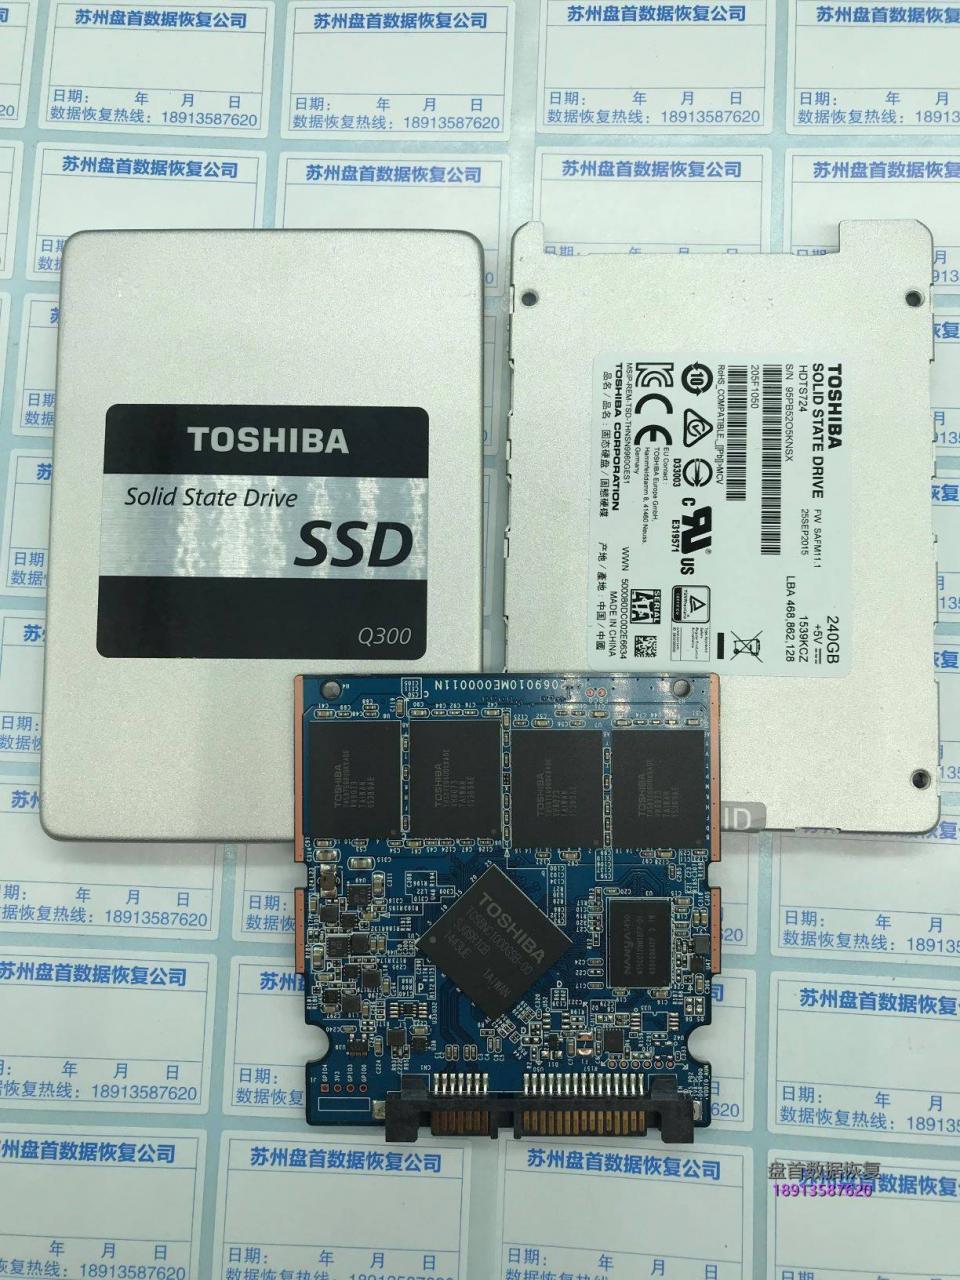 东芝Q300固态硬盘掉盘无法识别使用PC3000 SSD固态硬盘数据恢复软件恢复成功